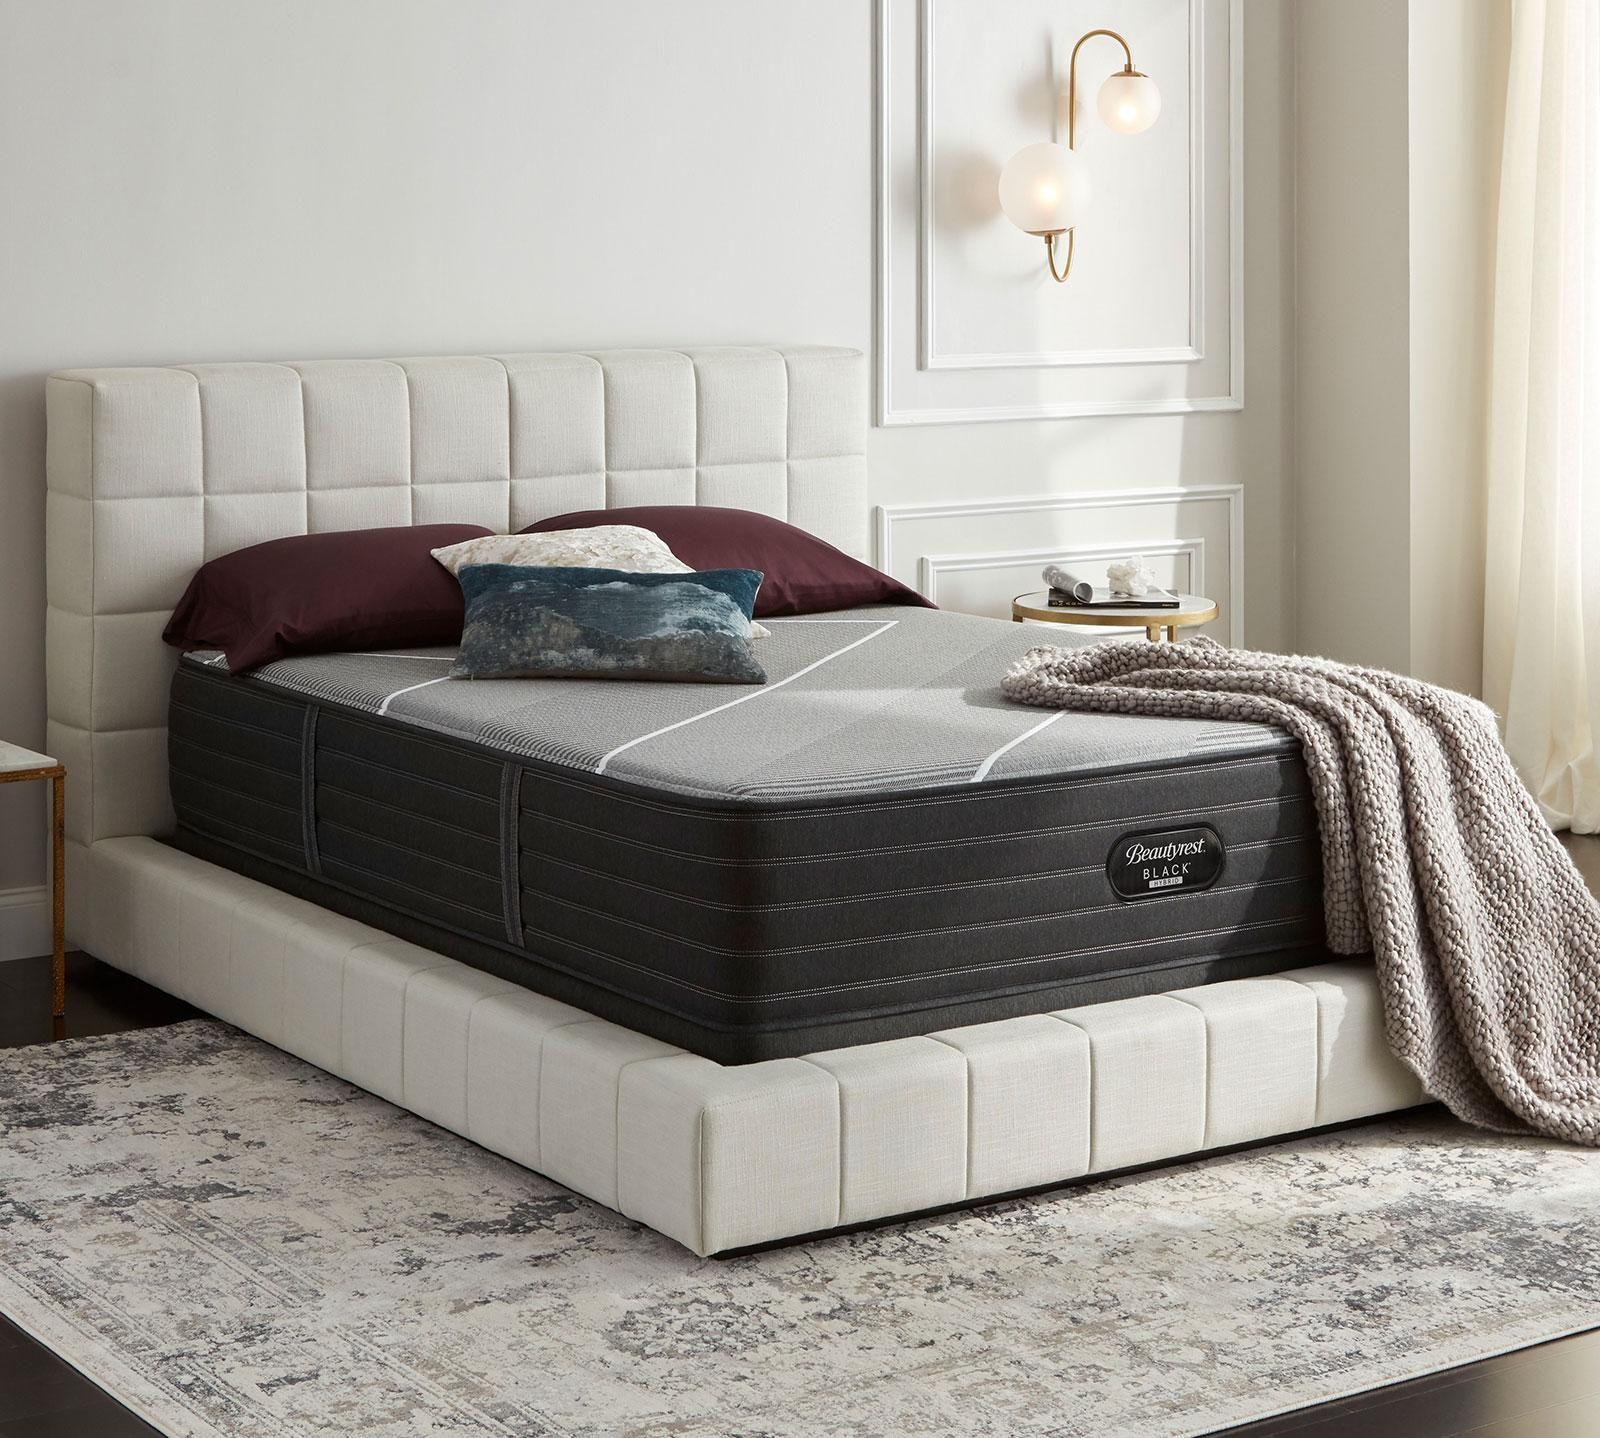 Beautyrest Black Hybrid L Class 12 Medium Mattress In 2020 Luxury Bedding Mattress Sets Beautyrest